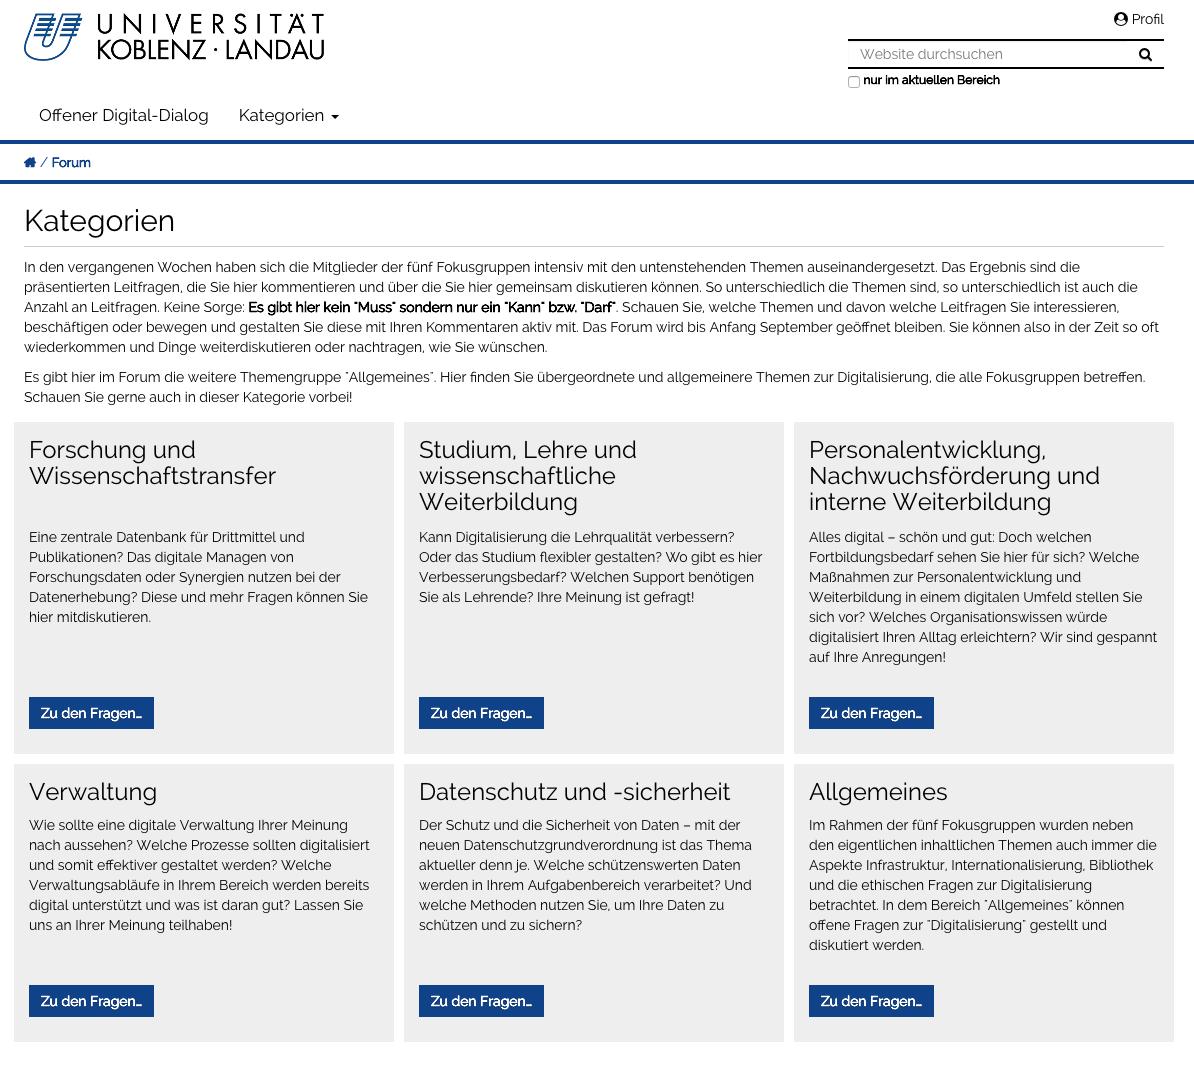 Screenshot vom Offenen Digital-Dialog der Universität Koblenz ·Landau